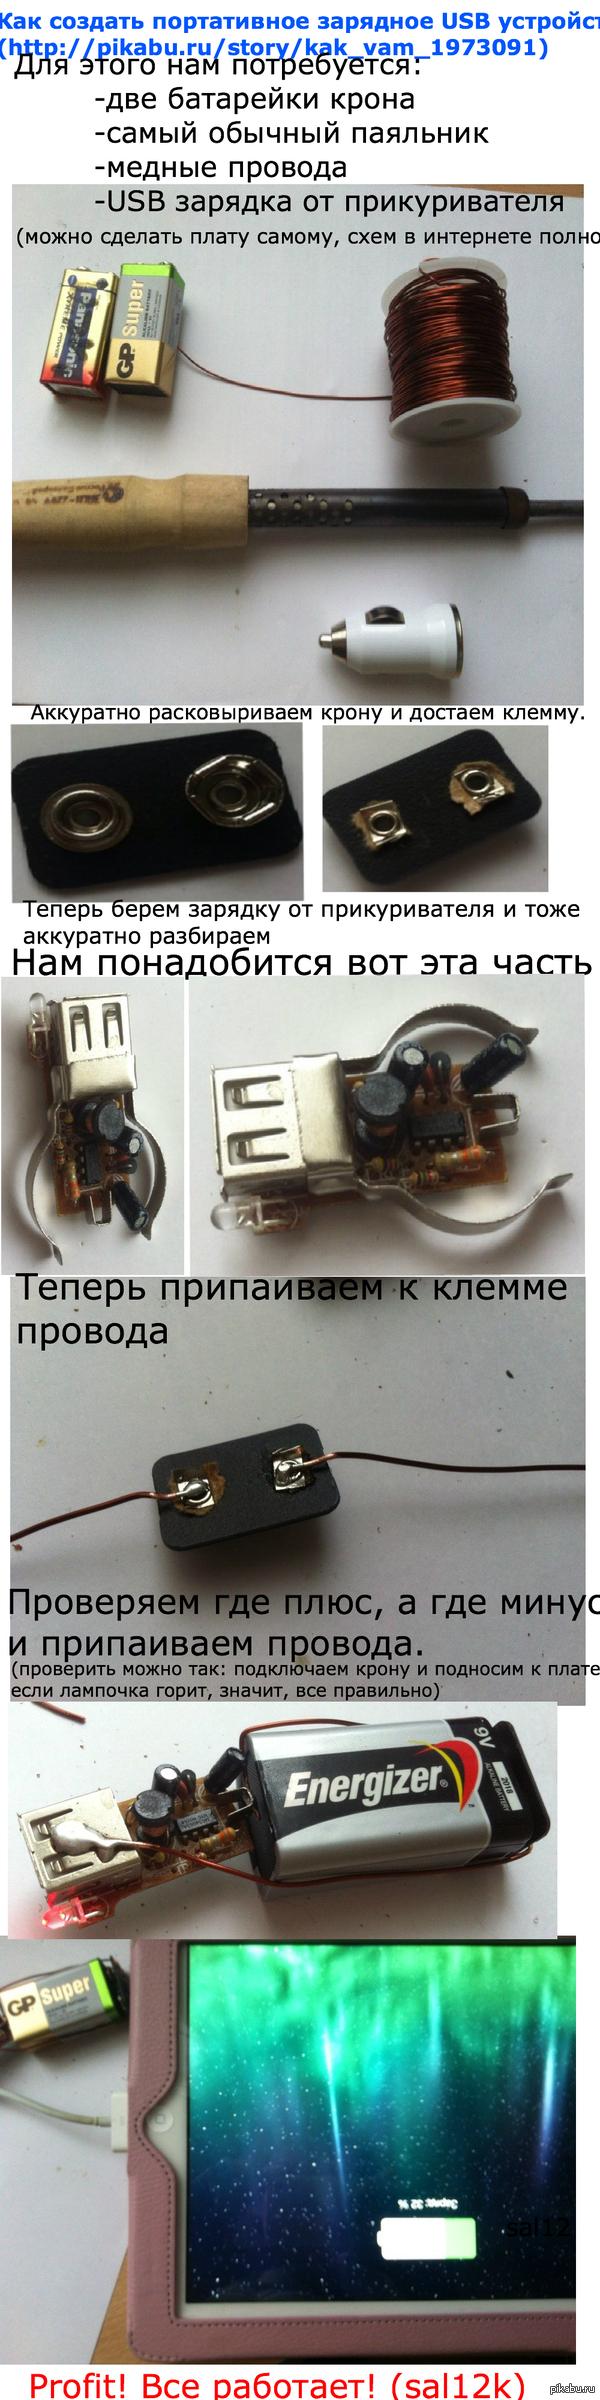 Как сделать портативную зарядную устройство